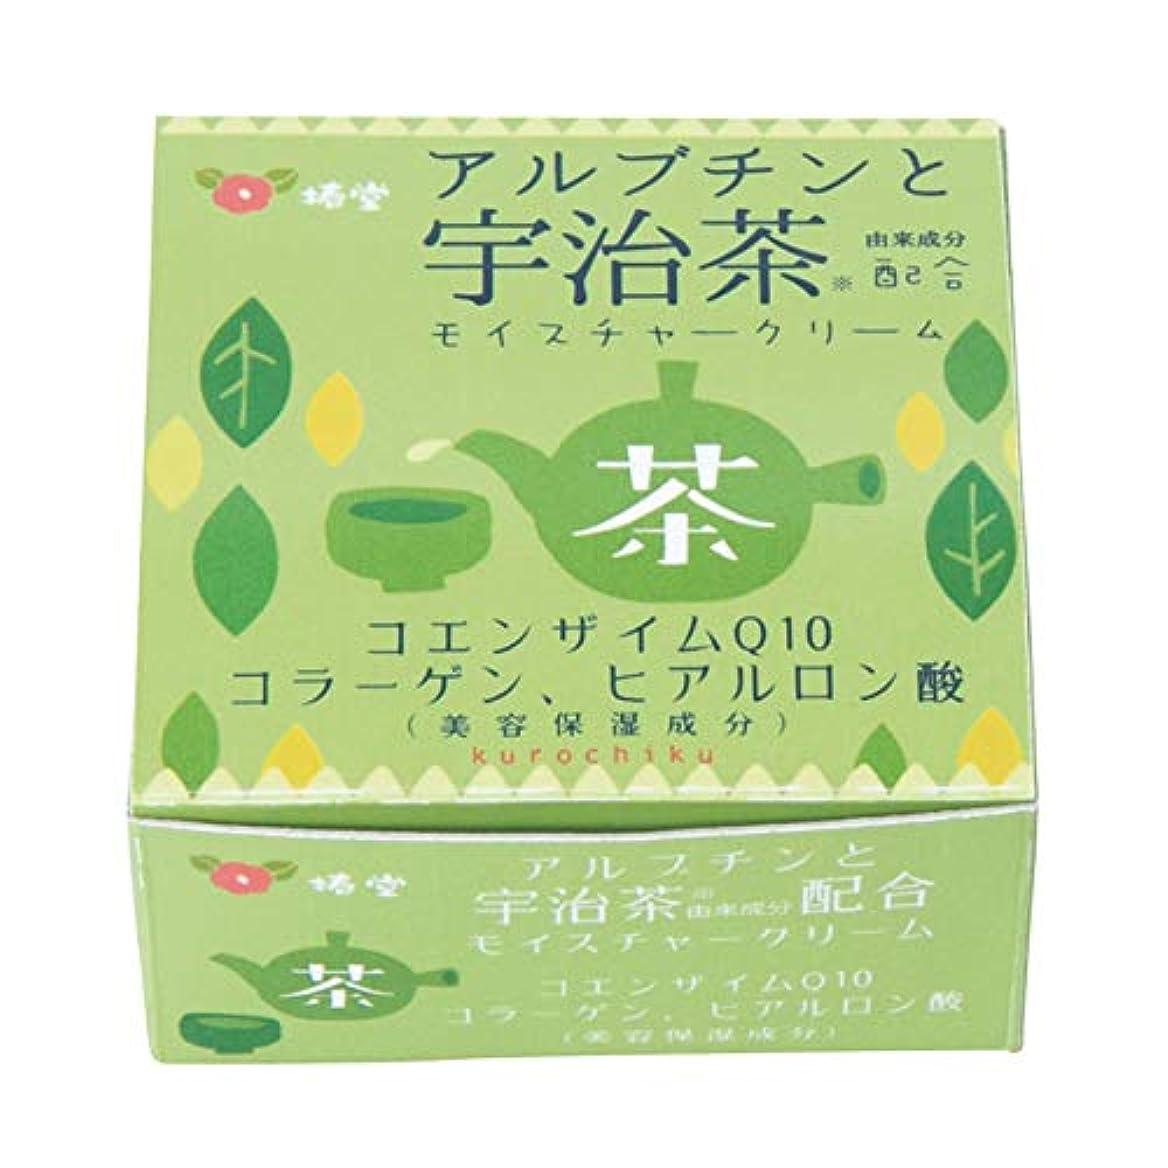 企業キラウエア山狼椿堂 宇治茶モイスチャークリーム (アルブチンと宇治茶) 京都くろちく